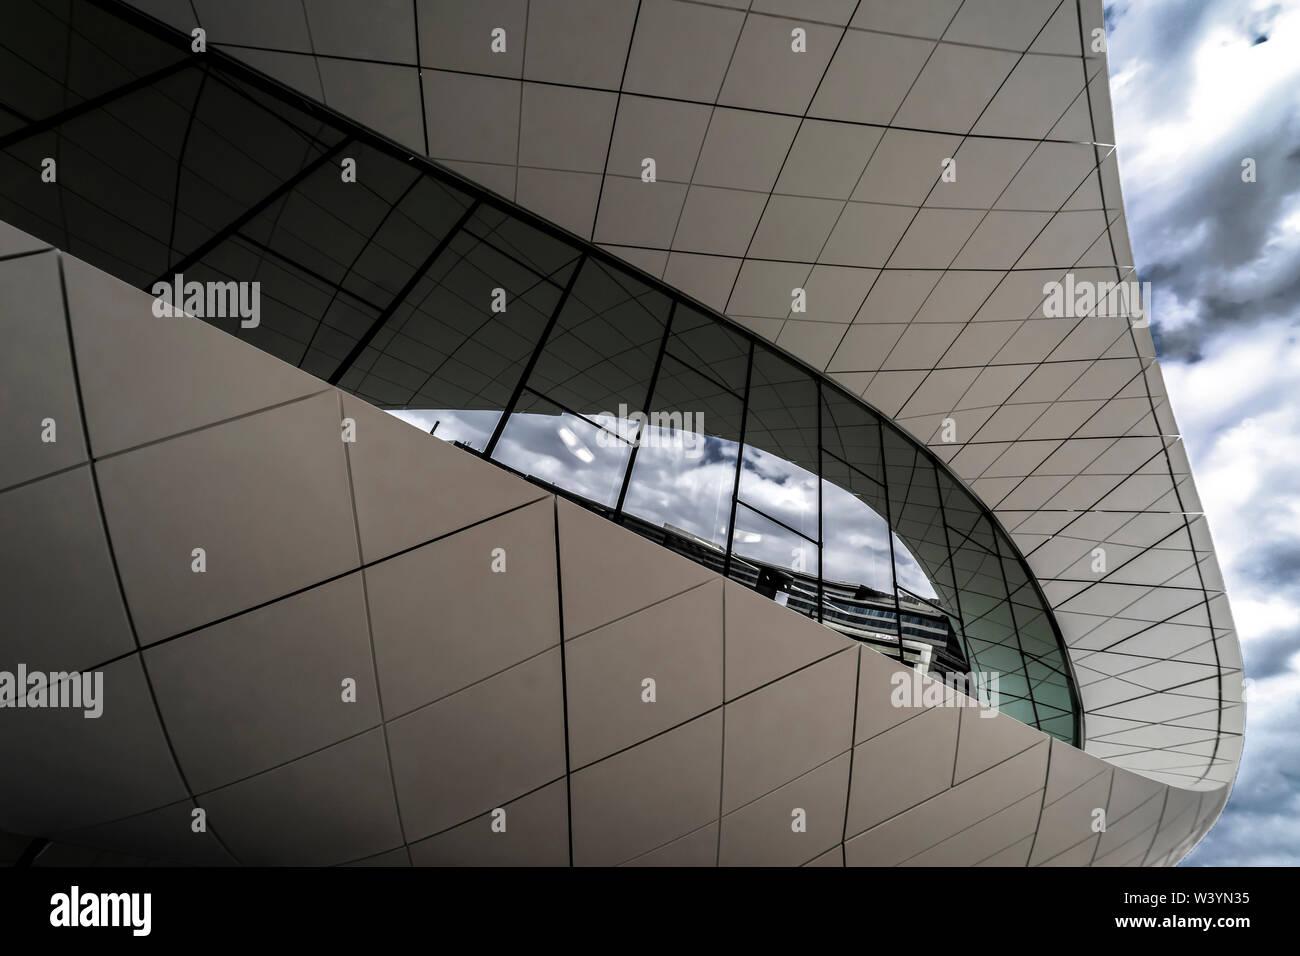 Union Museum, Etihad, Dubai, United Arab Emirate - Jan.4, 2018: Fantastic Pavilion of the Etihad Museum on the Jumeirah Street - Stock Image